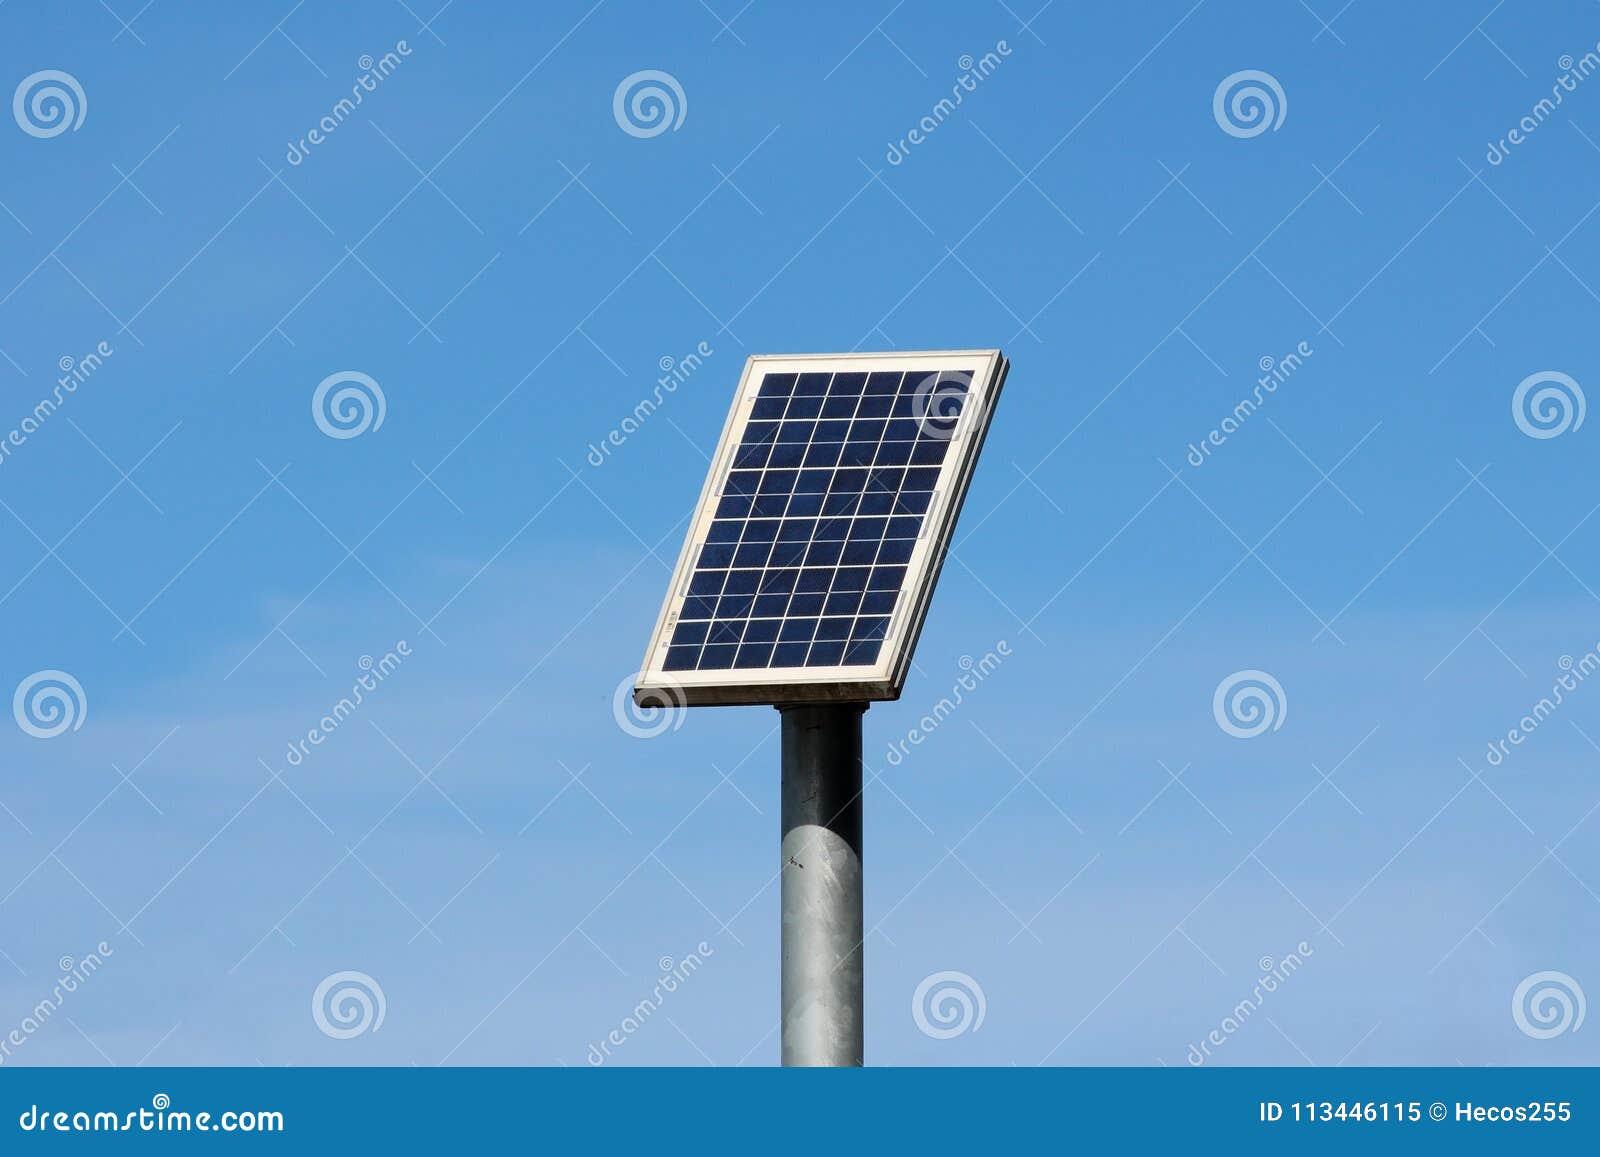 Palo luce con pannello fotovoltaico fototrappola con pannello